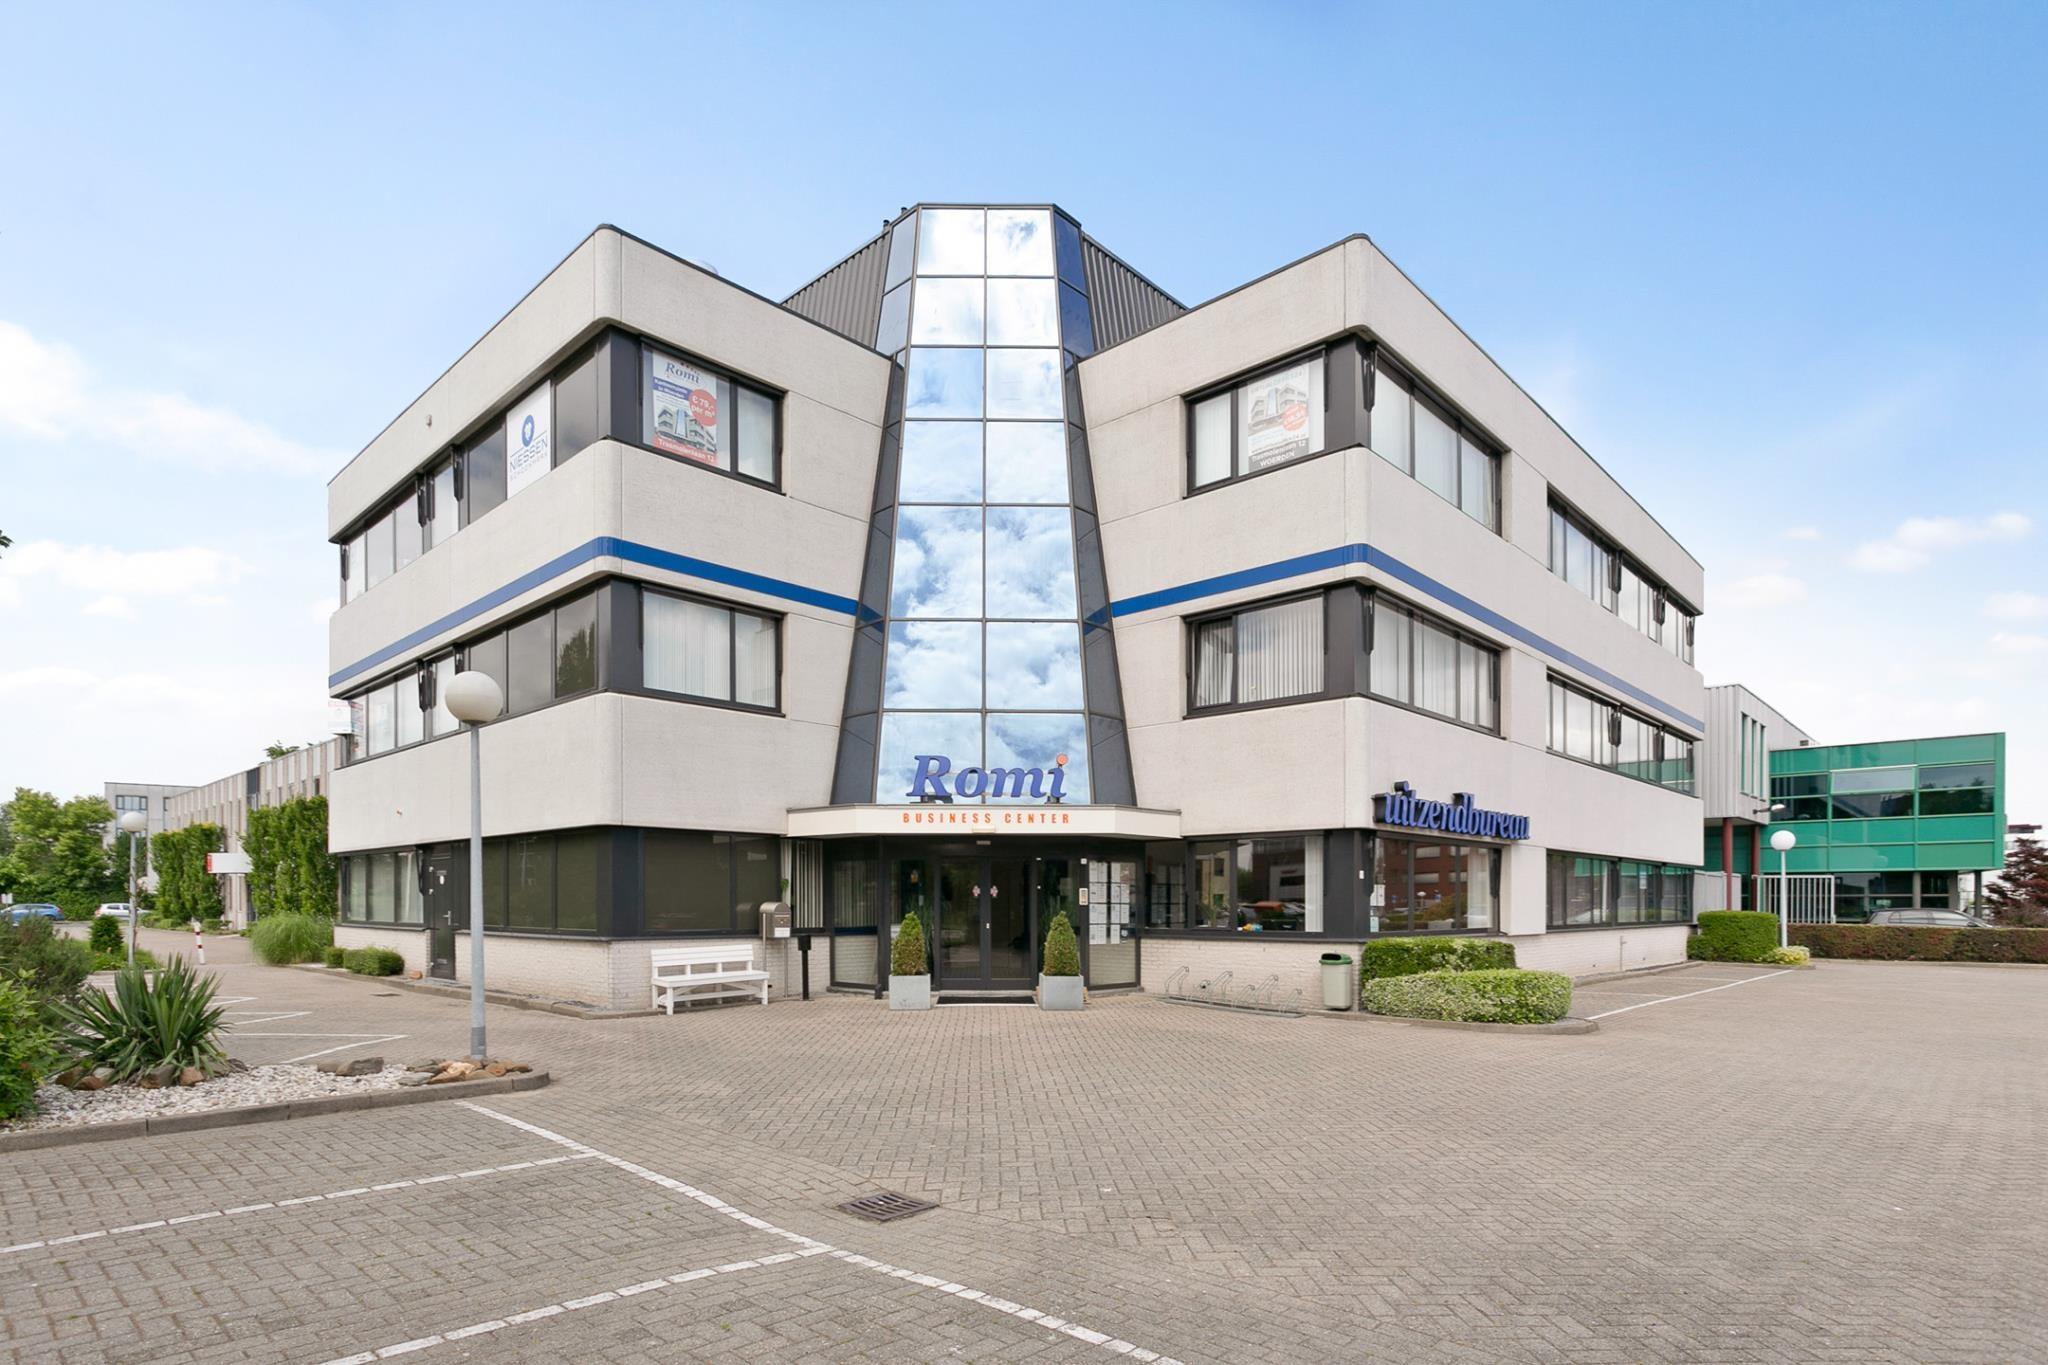 Romi Business Center